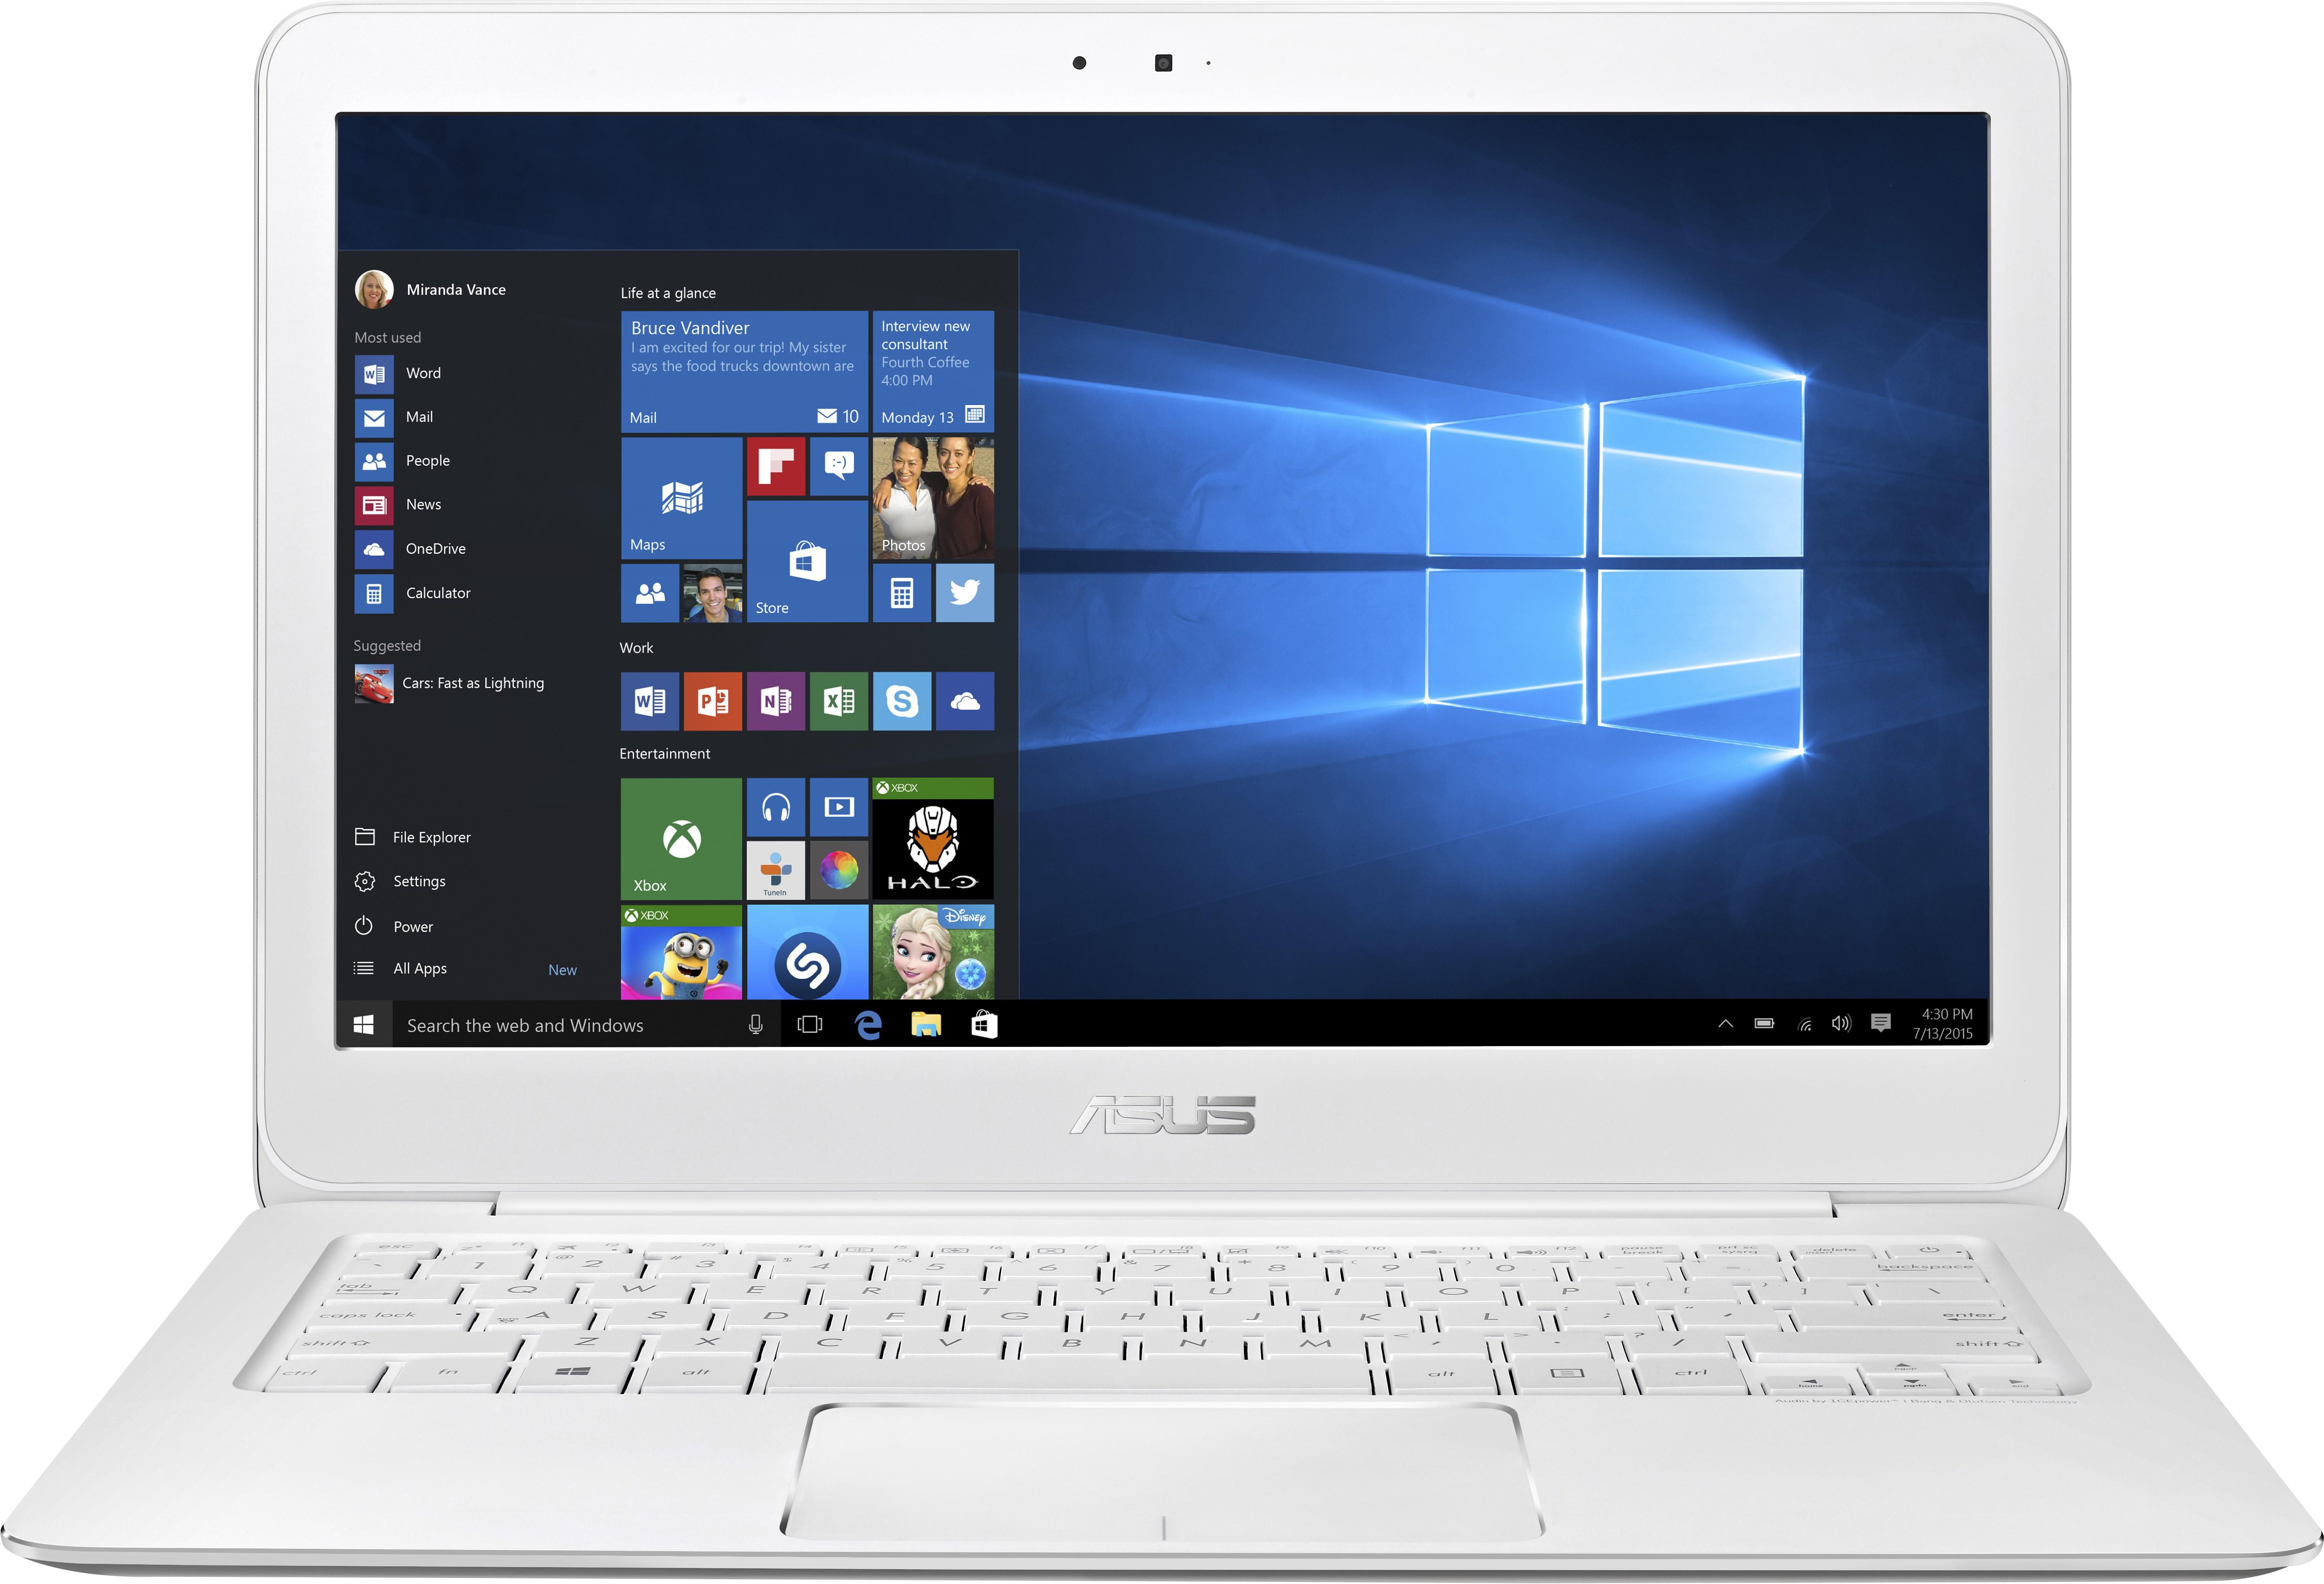 Asus Zenbook Core M 5th Gen - (4 GB/256 GB SSD/Windows 10 Home) 90NB06X2-M12250 UX305FA-FC123T Ultrabook(13.3 inch, Ceramic White, 1.2 kg)